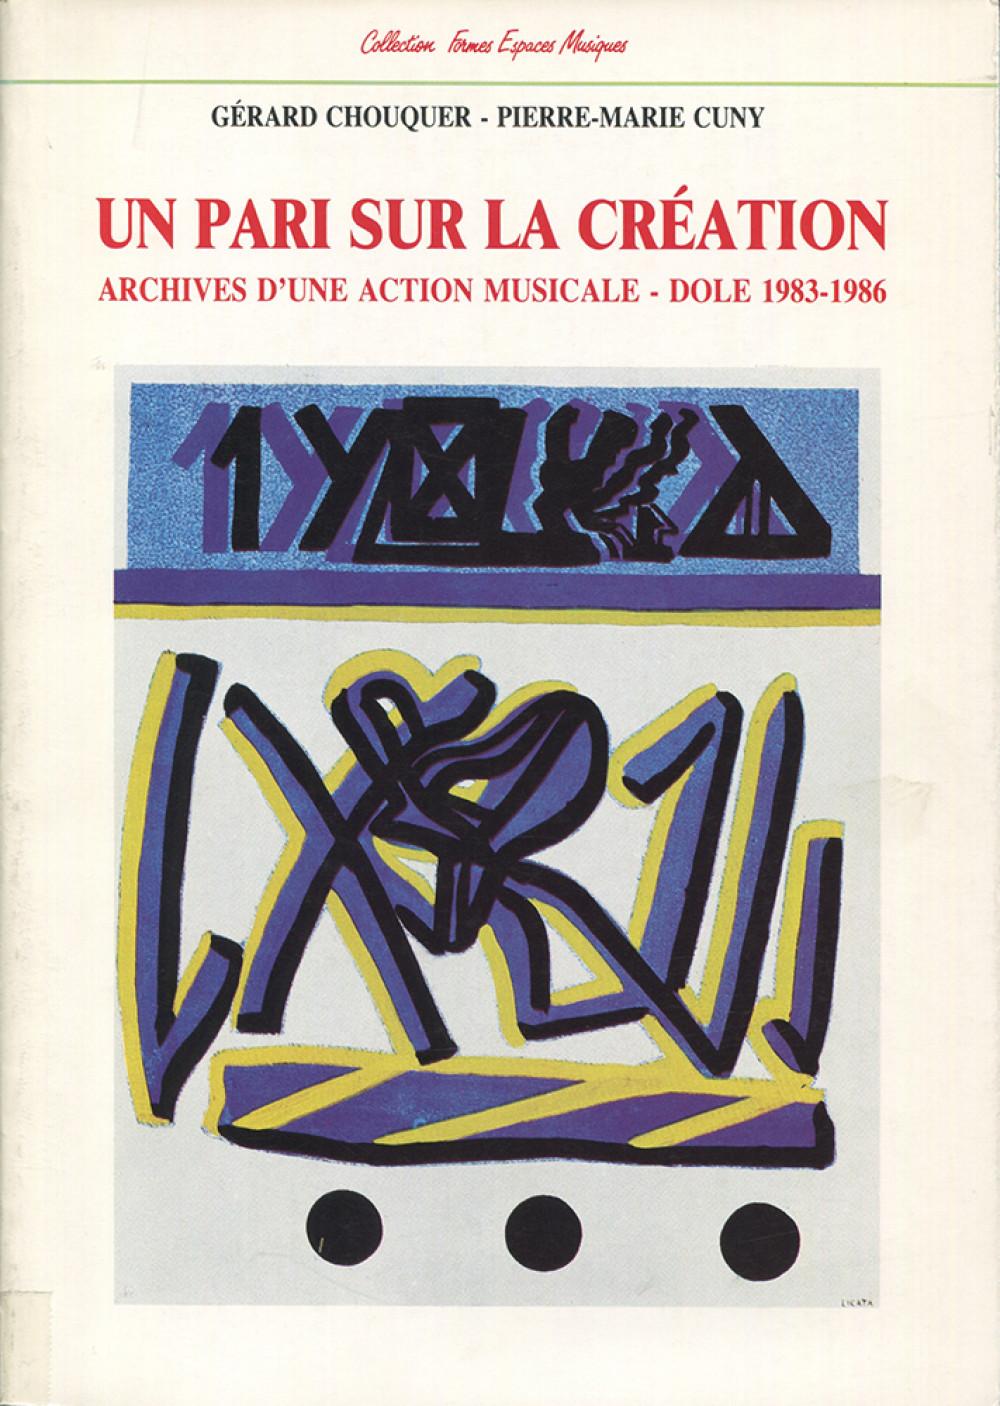 Un pari sur la création